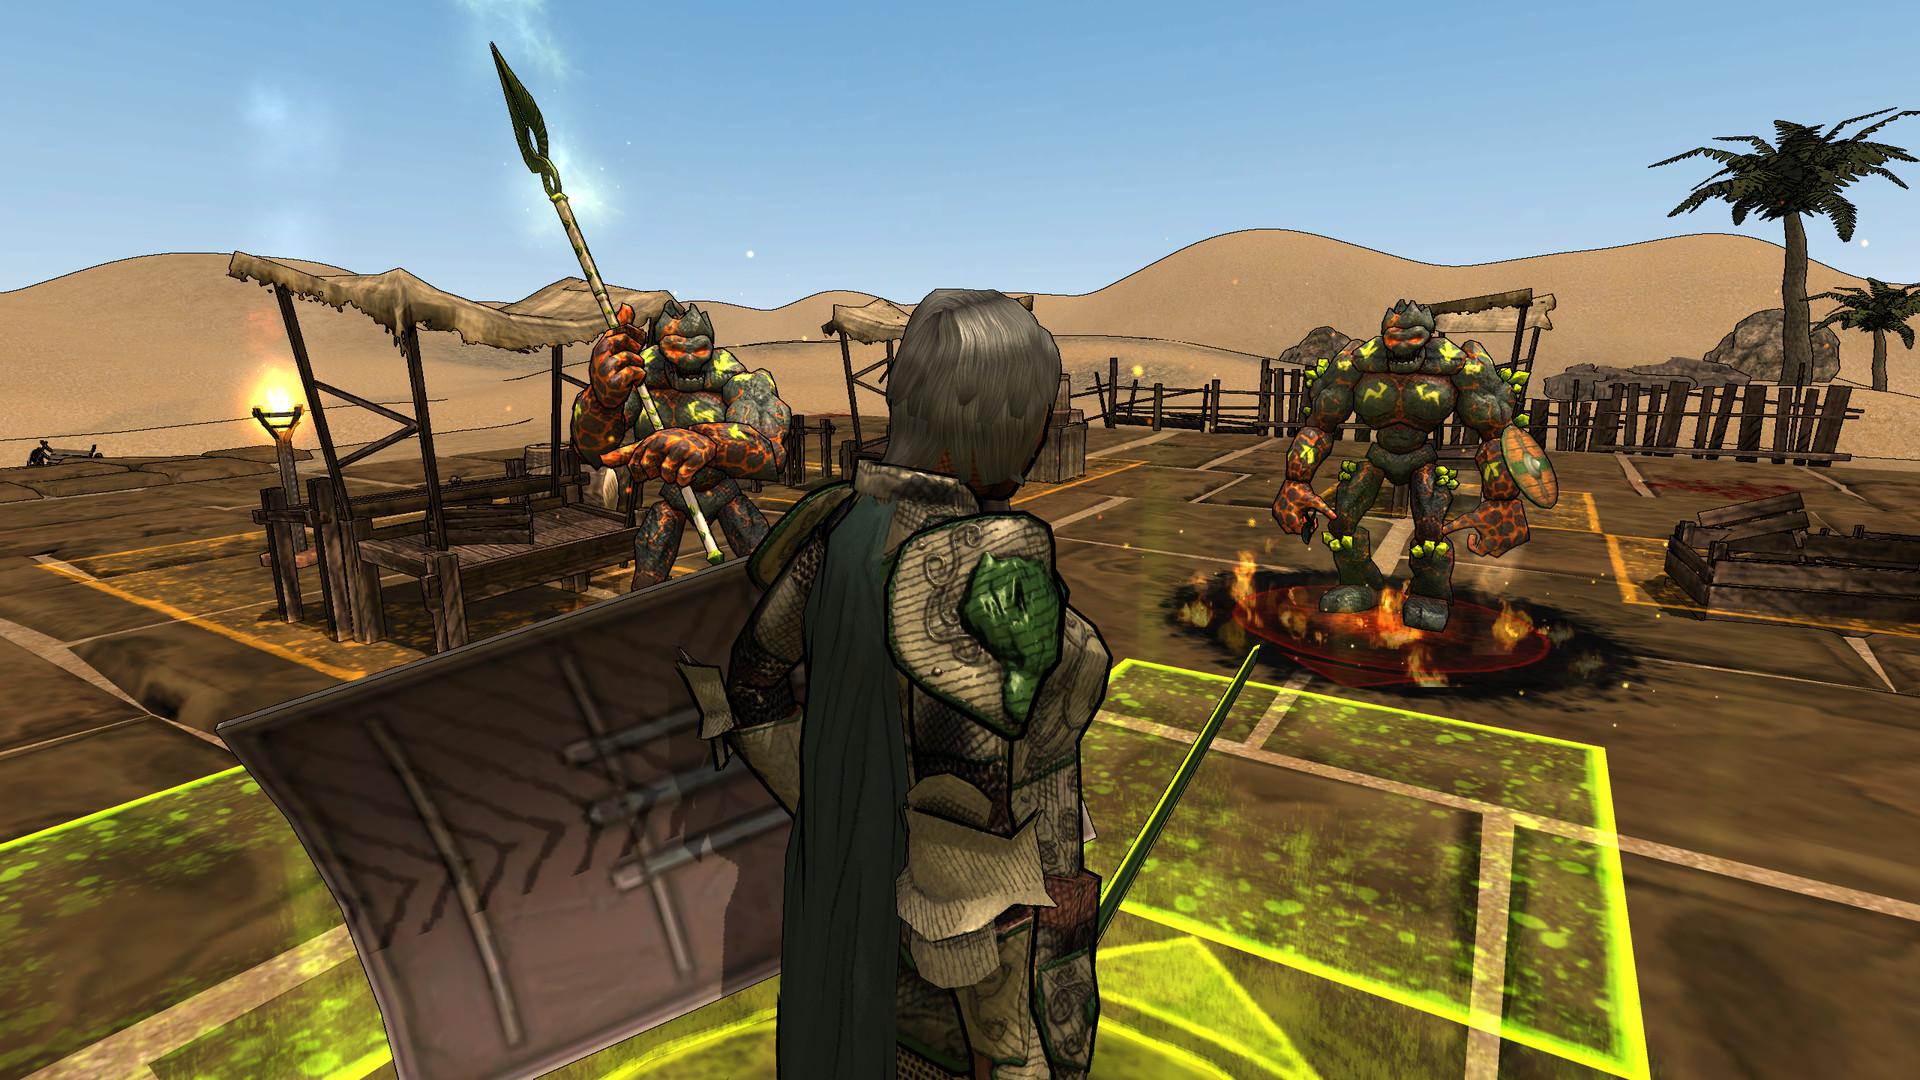 Heroes of Dire on Steam